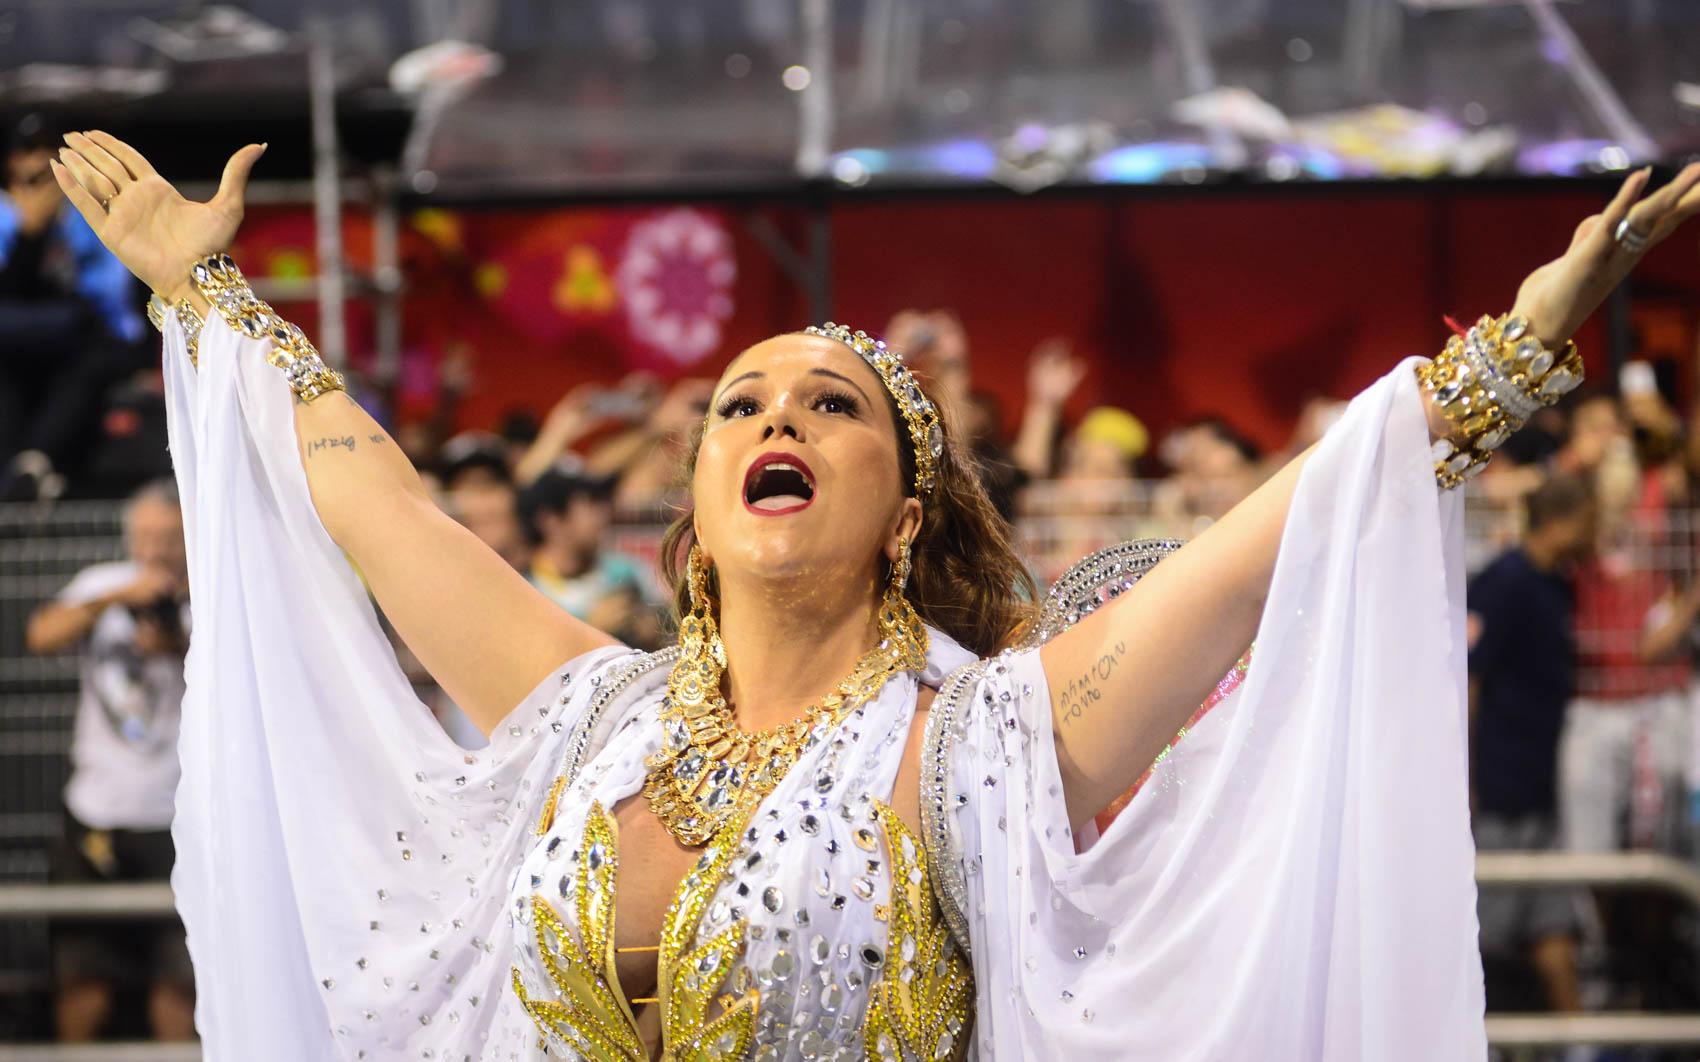 A cantora Maria Rita, filha de Elis Regina, canta chamando o público no desfile da Vai Vai, que homenageia sua mãe